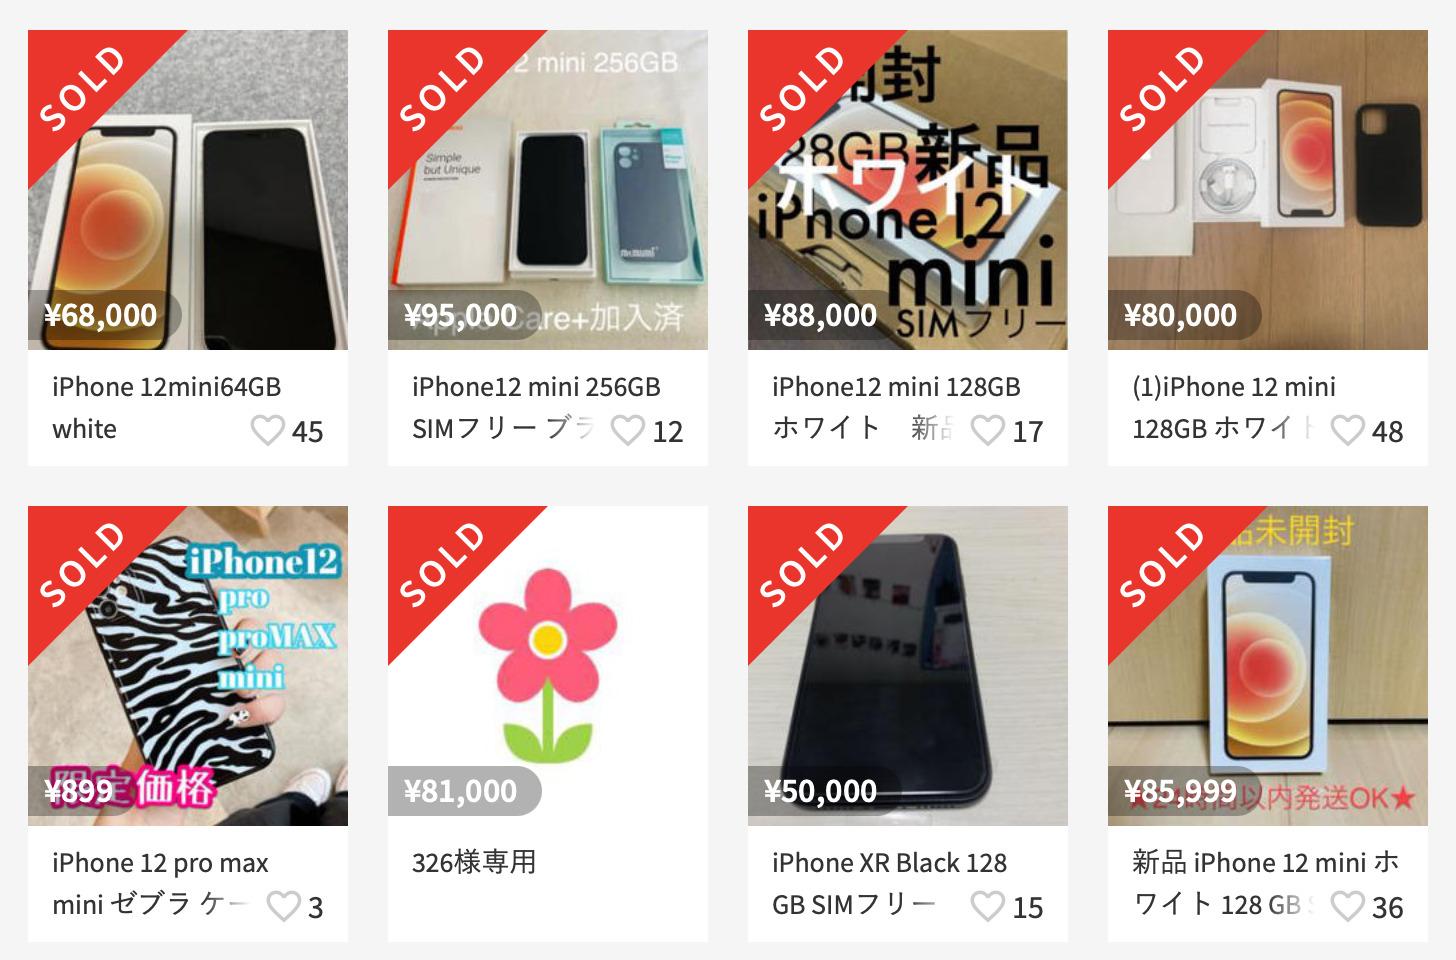 iPhone 12 mini メルカリ